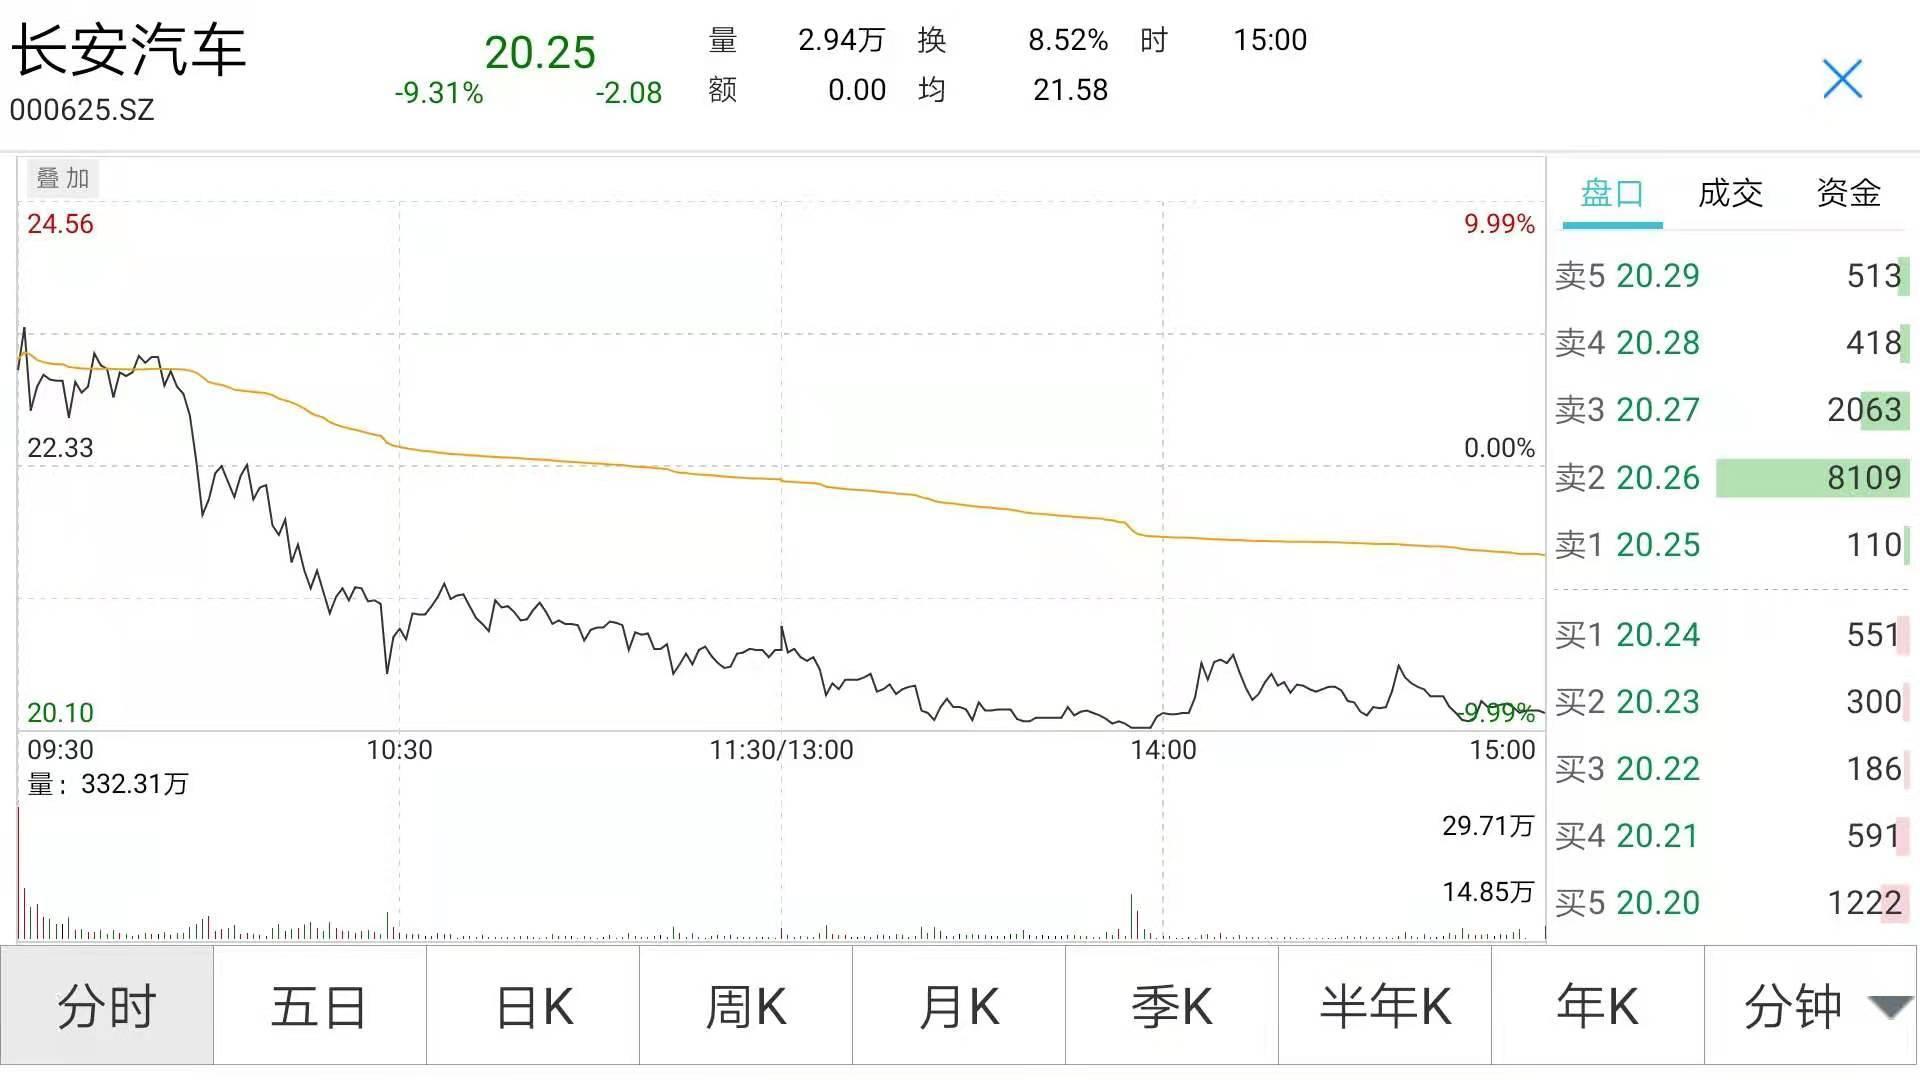 5天暴涨40%的千亿牛股跌停!股民晕倒:高位融资买进 全仓山顶站岗